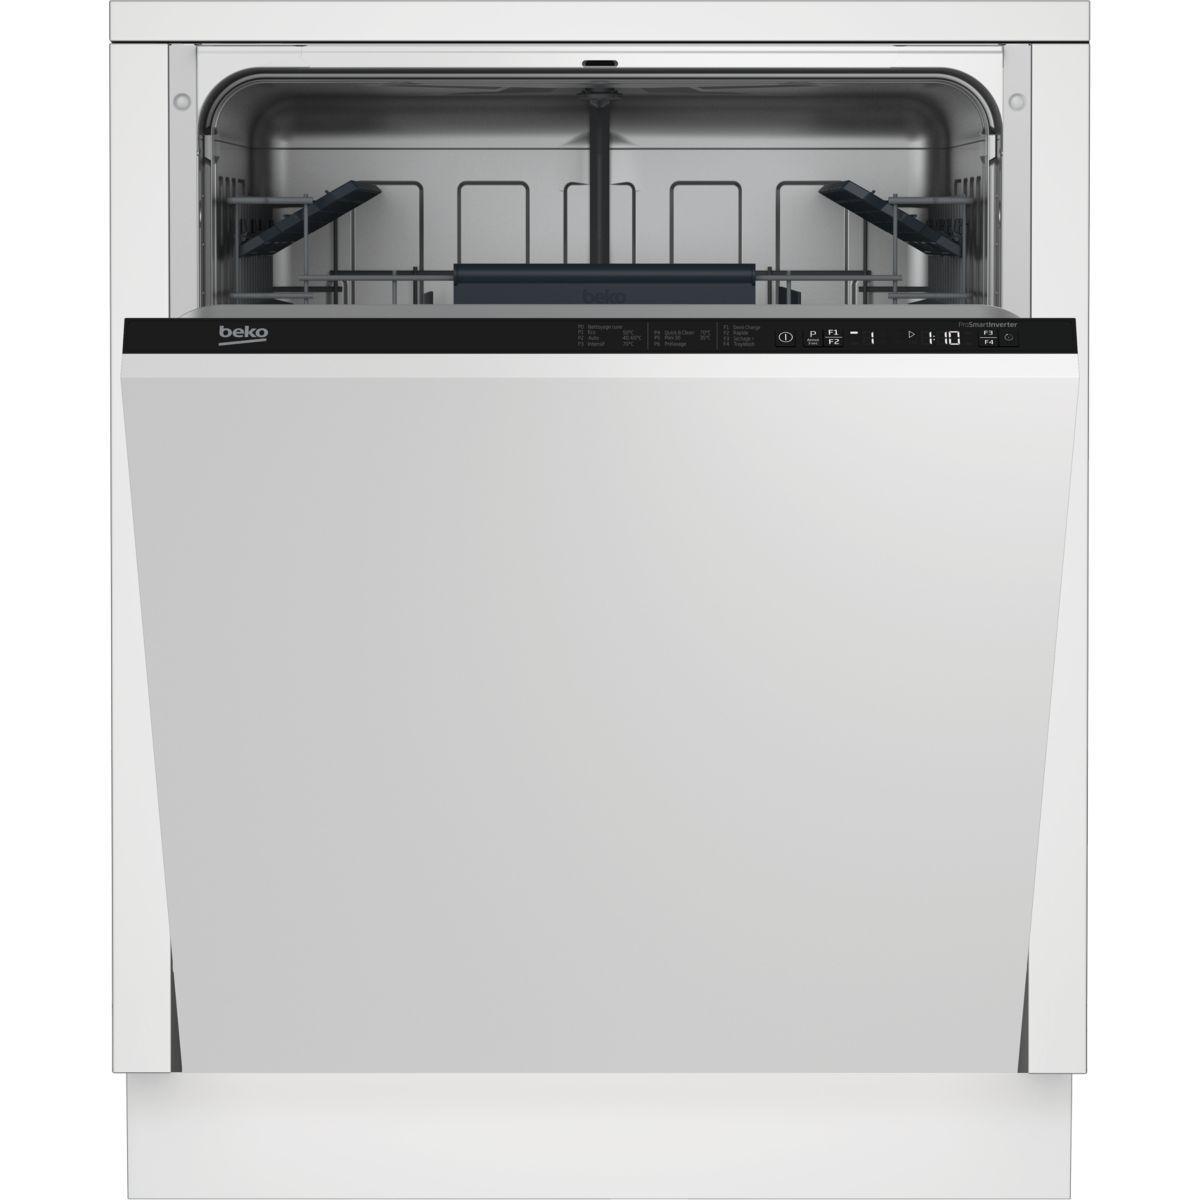 Lave vaisselle tout int�grable beko lvi62f - livraison offerte : code livr